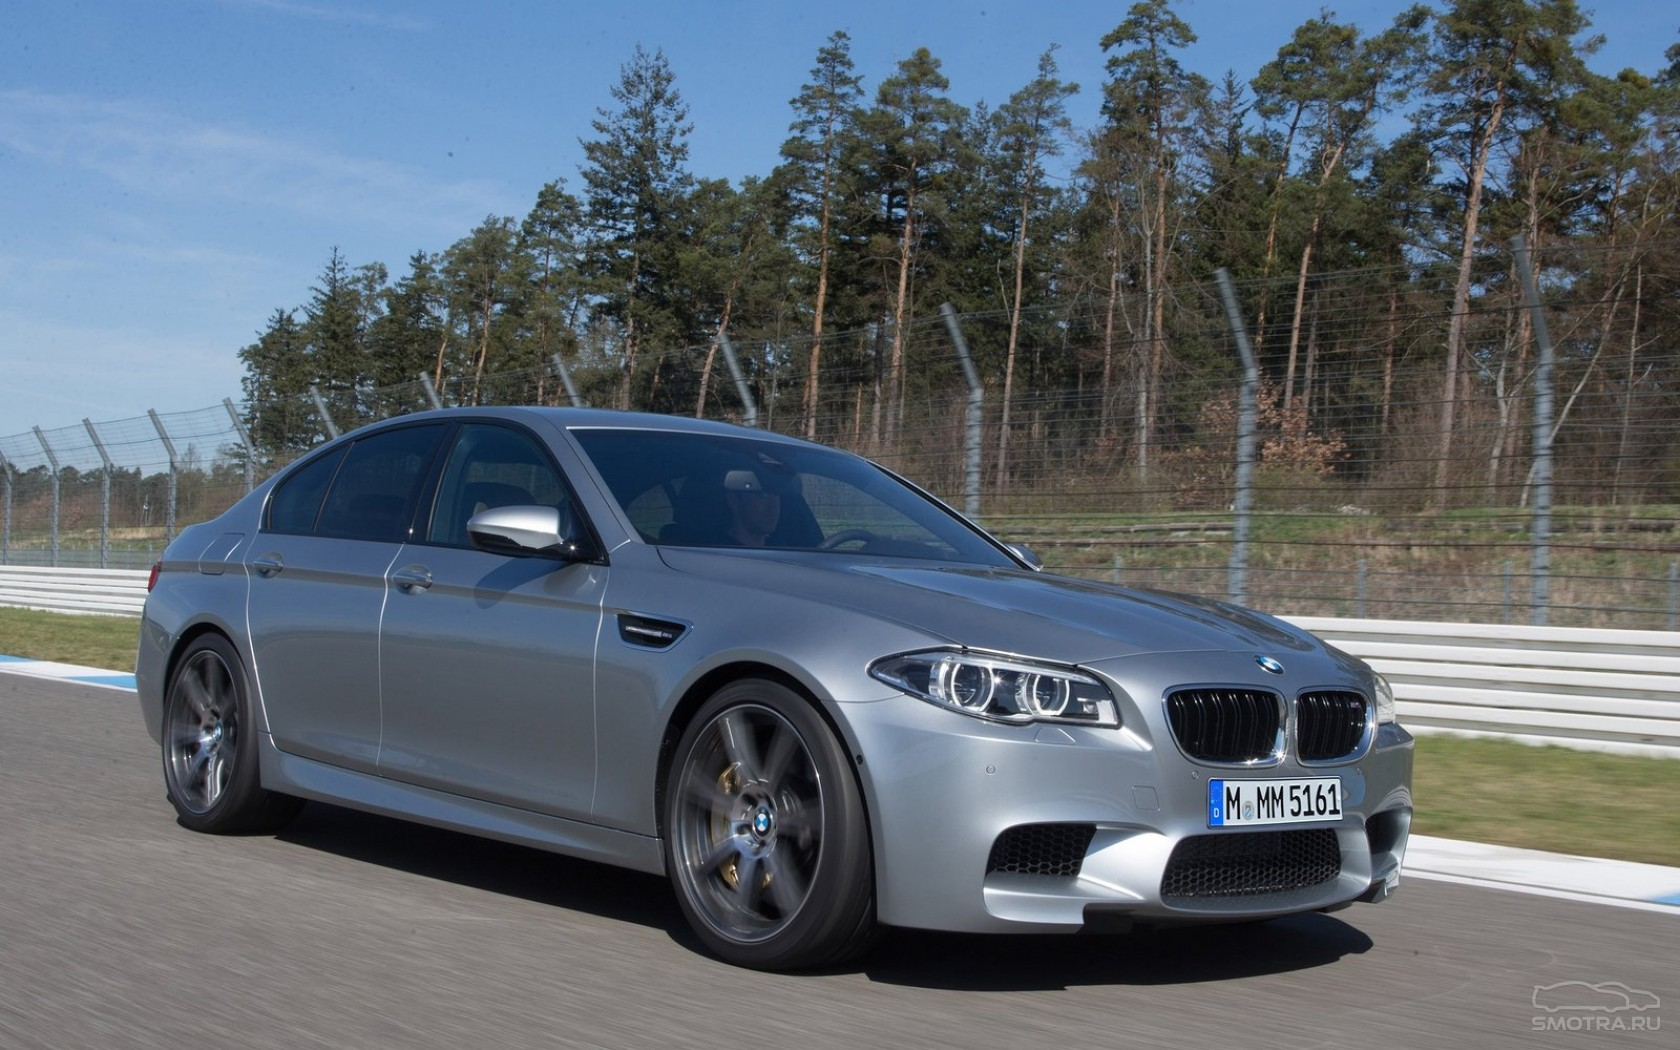 BMW 6 кабриолет в Анадыре: цены, фото, характеристики, комплектации - CARobka.ru.